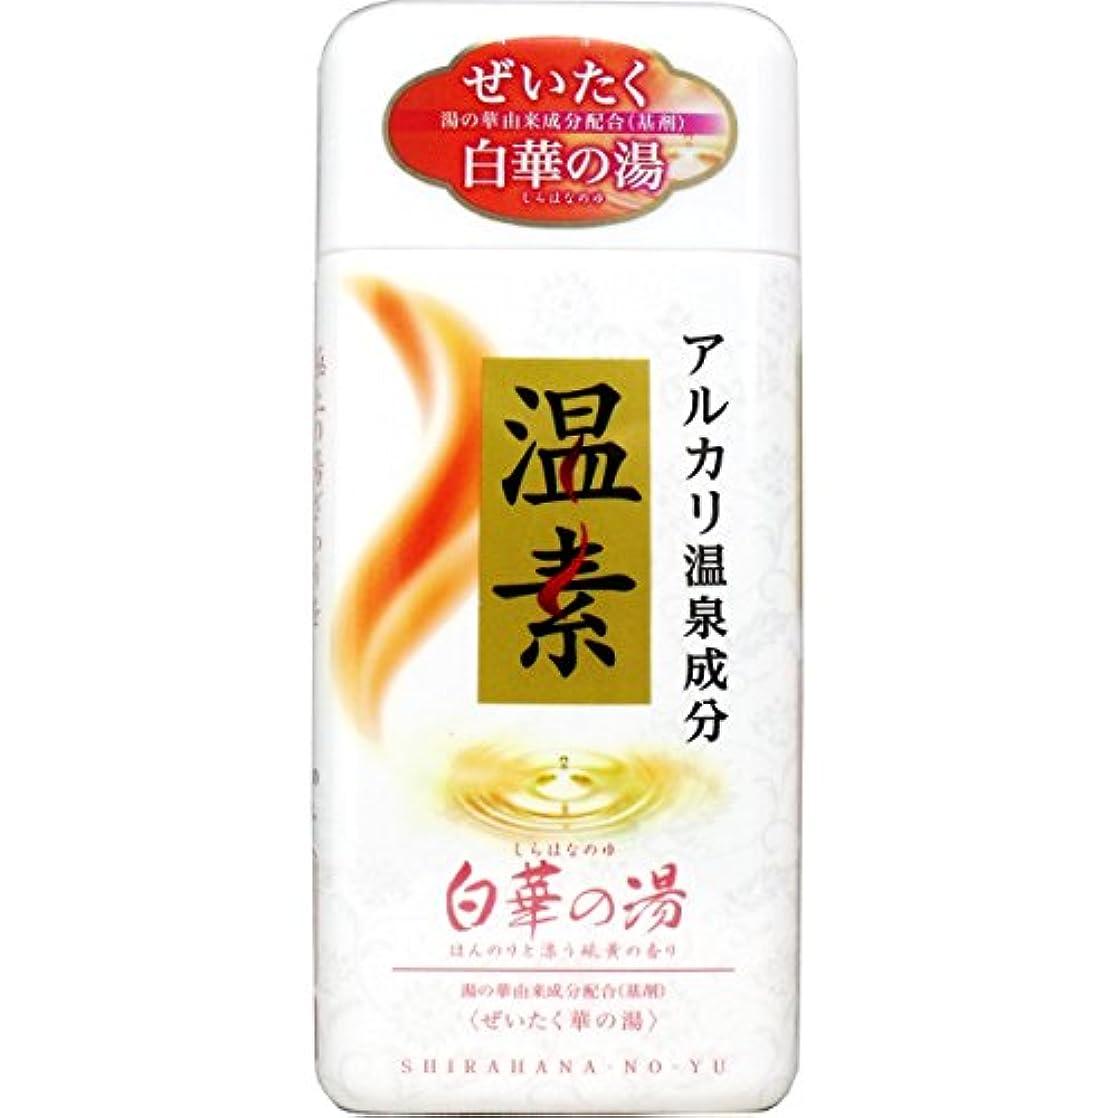 列車あいさつホイップ入浴剤 ぜいたく華の湯 リラックス用品 アルカリ温泉成分 温素 入浴剤 白華の湯 硫黄の香り 600g入